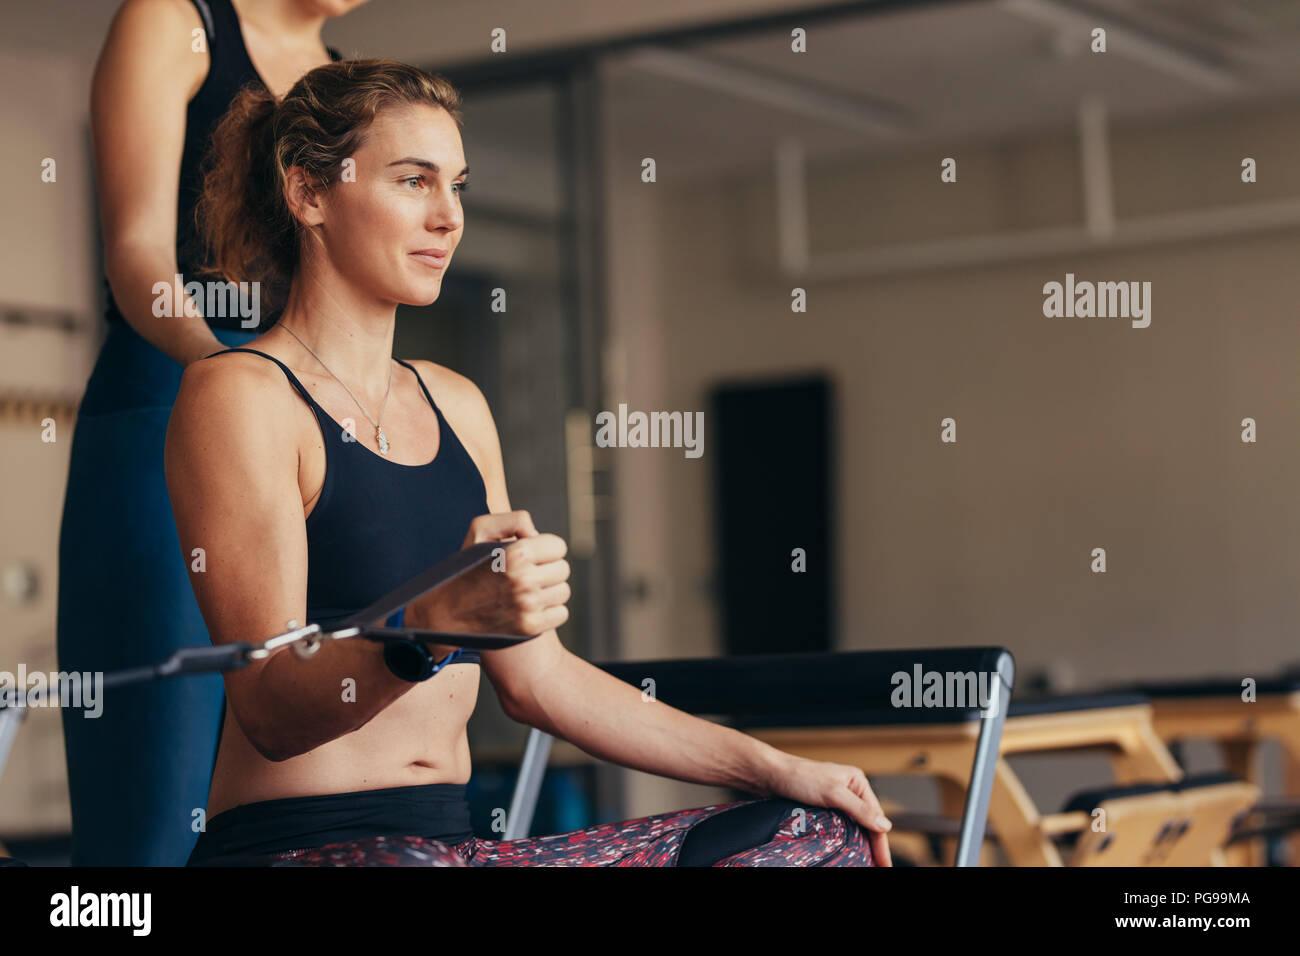 Donna seduta su una formazione pilates macchina tirando fascia elastica con la sua mano. Immagini Stock